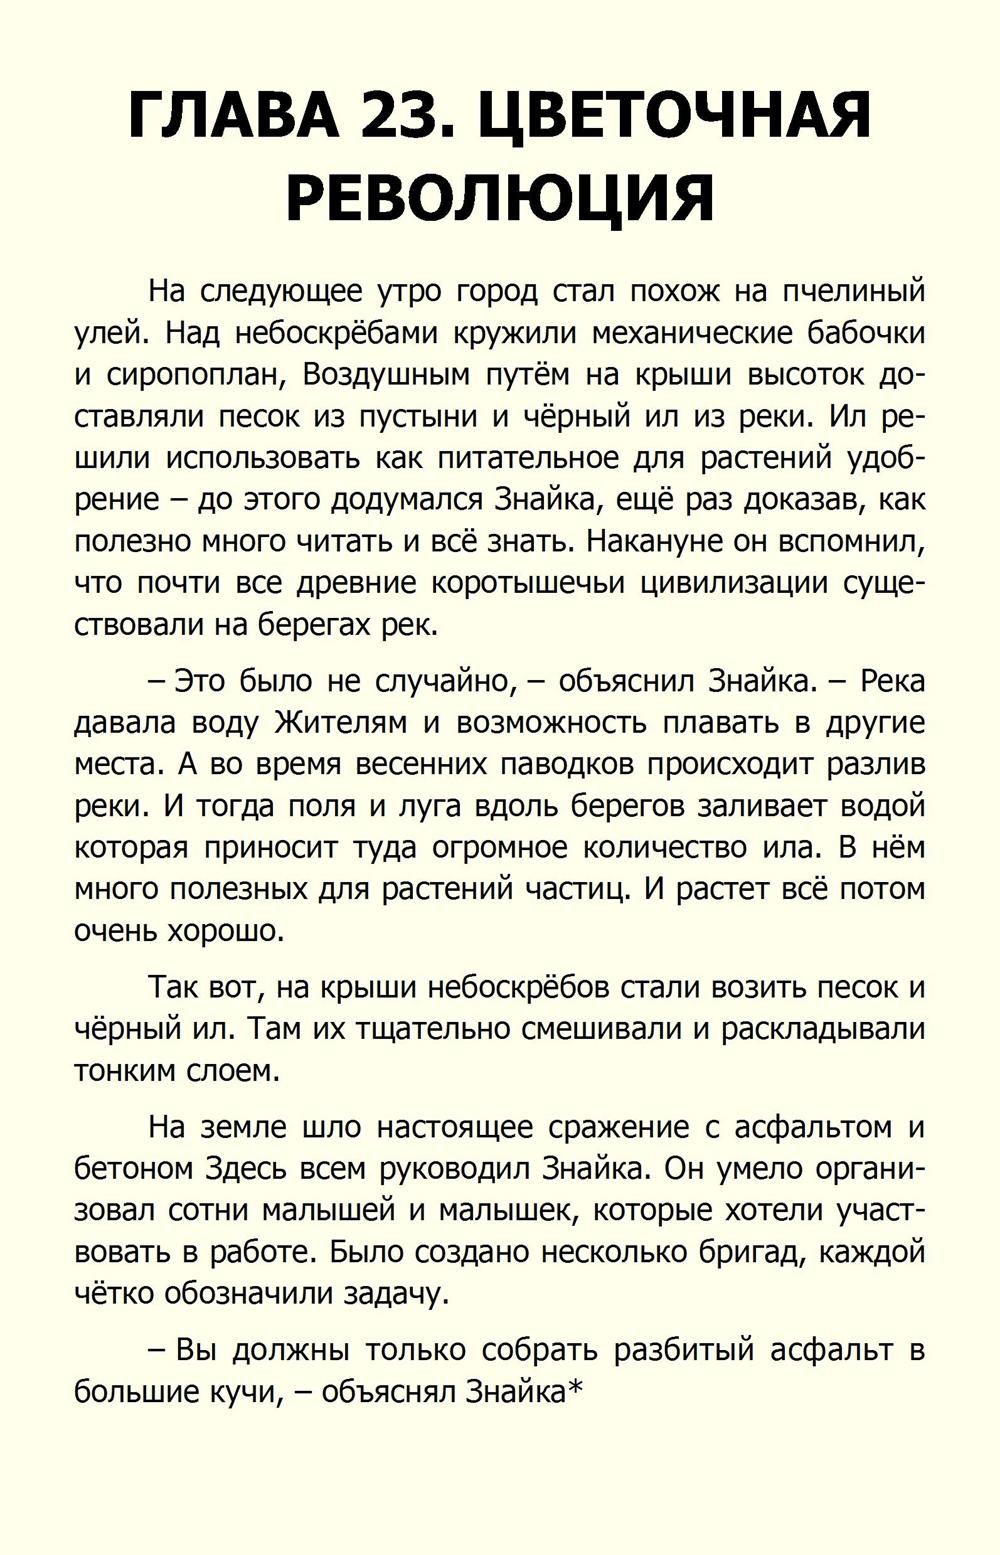 http://ipic.su/img/img7/fs/Nosov.1596219354.jpg